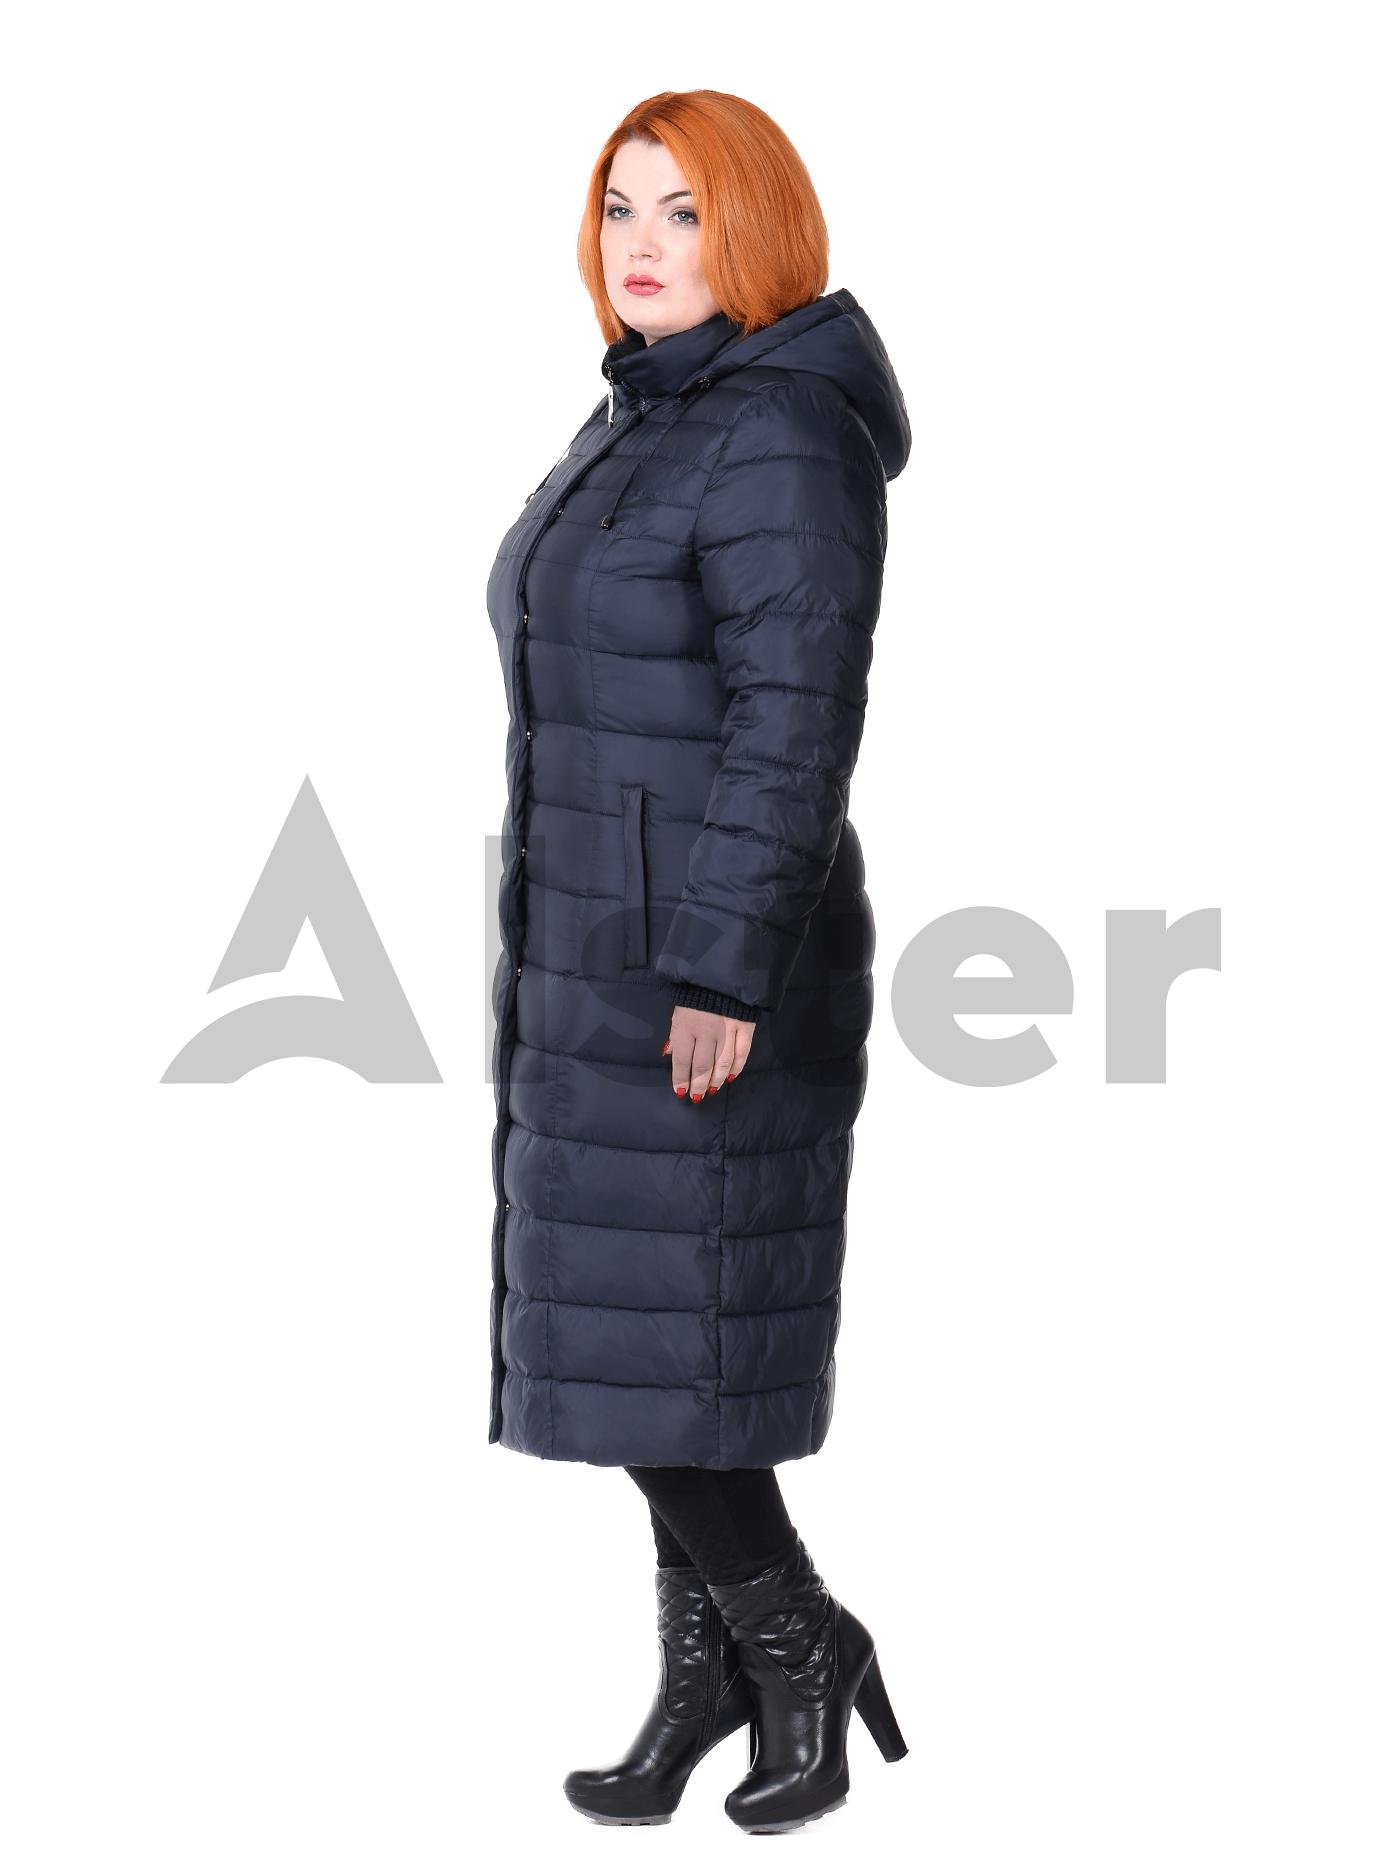 Куртка женская зимняя длинная Чёрный S (05-ZZ19093): фото - Alster.ua